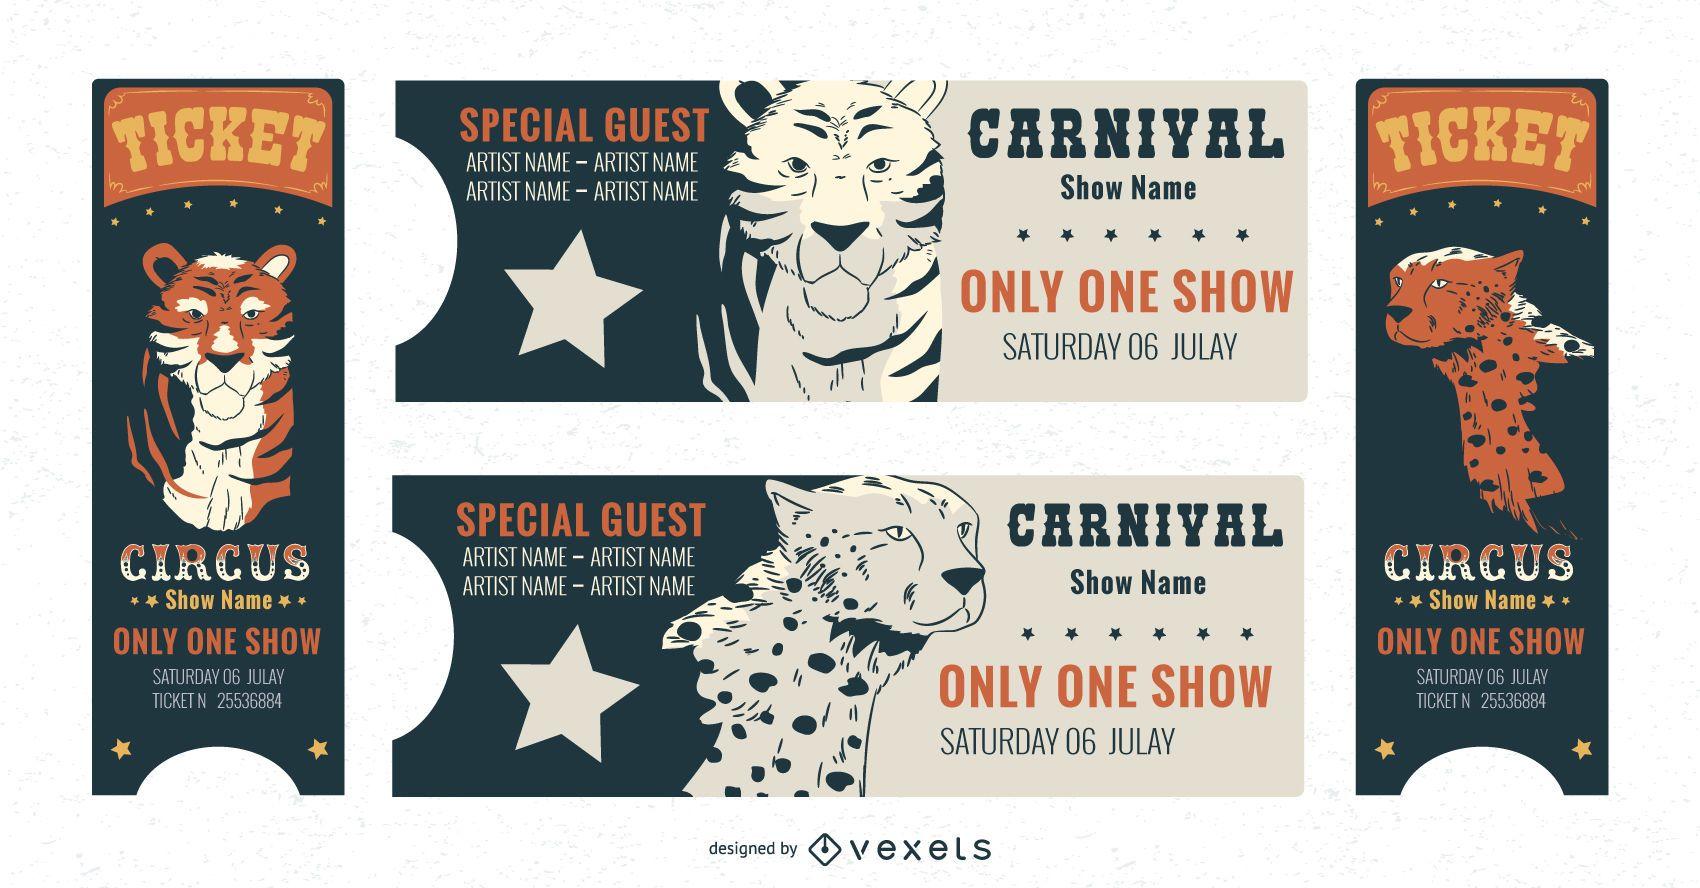 Paquete de plantillas de entradas de carnaval